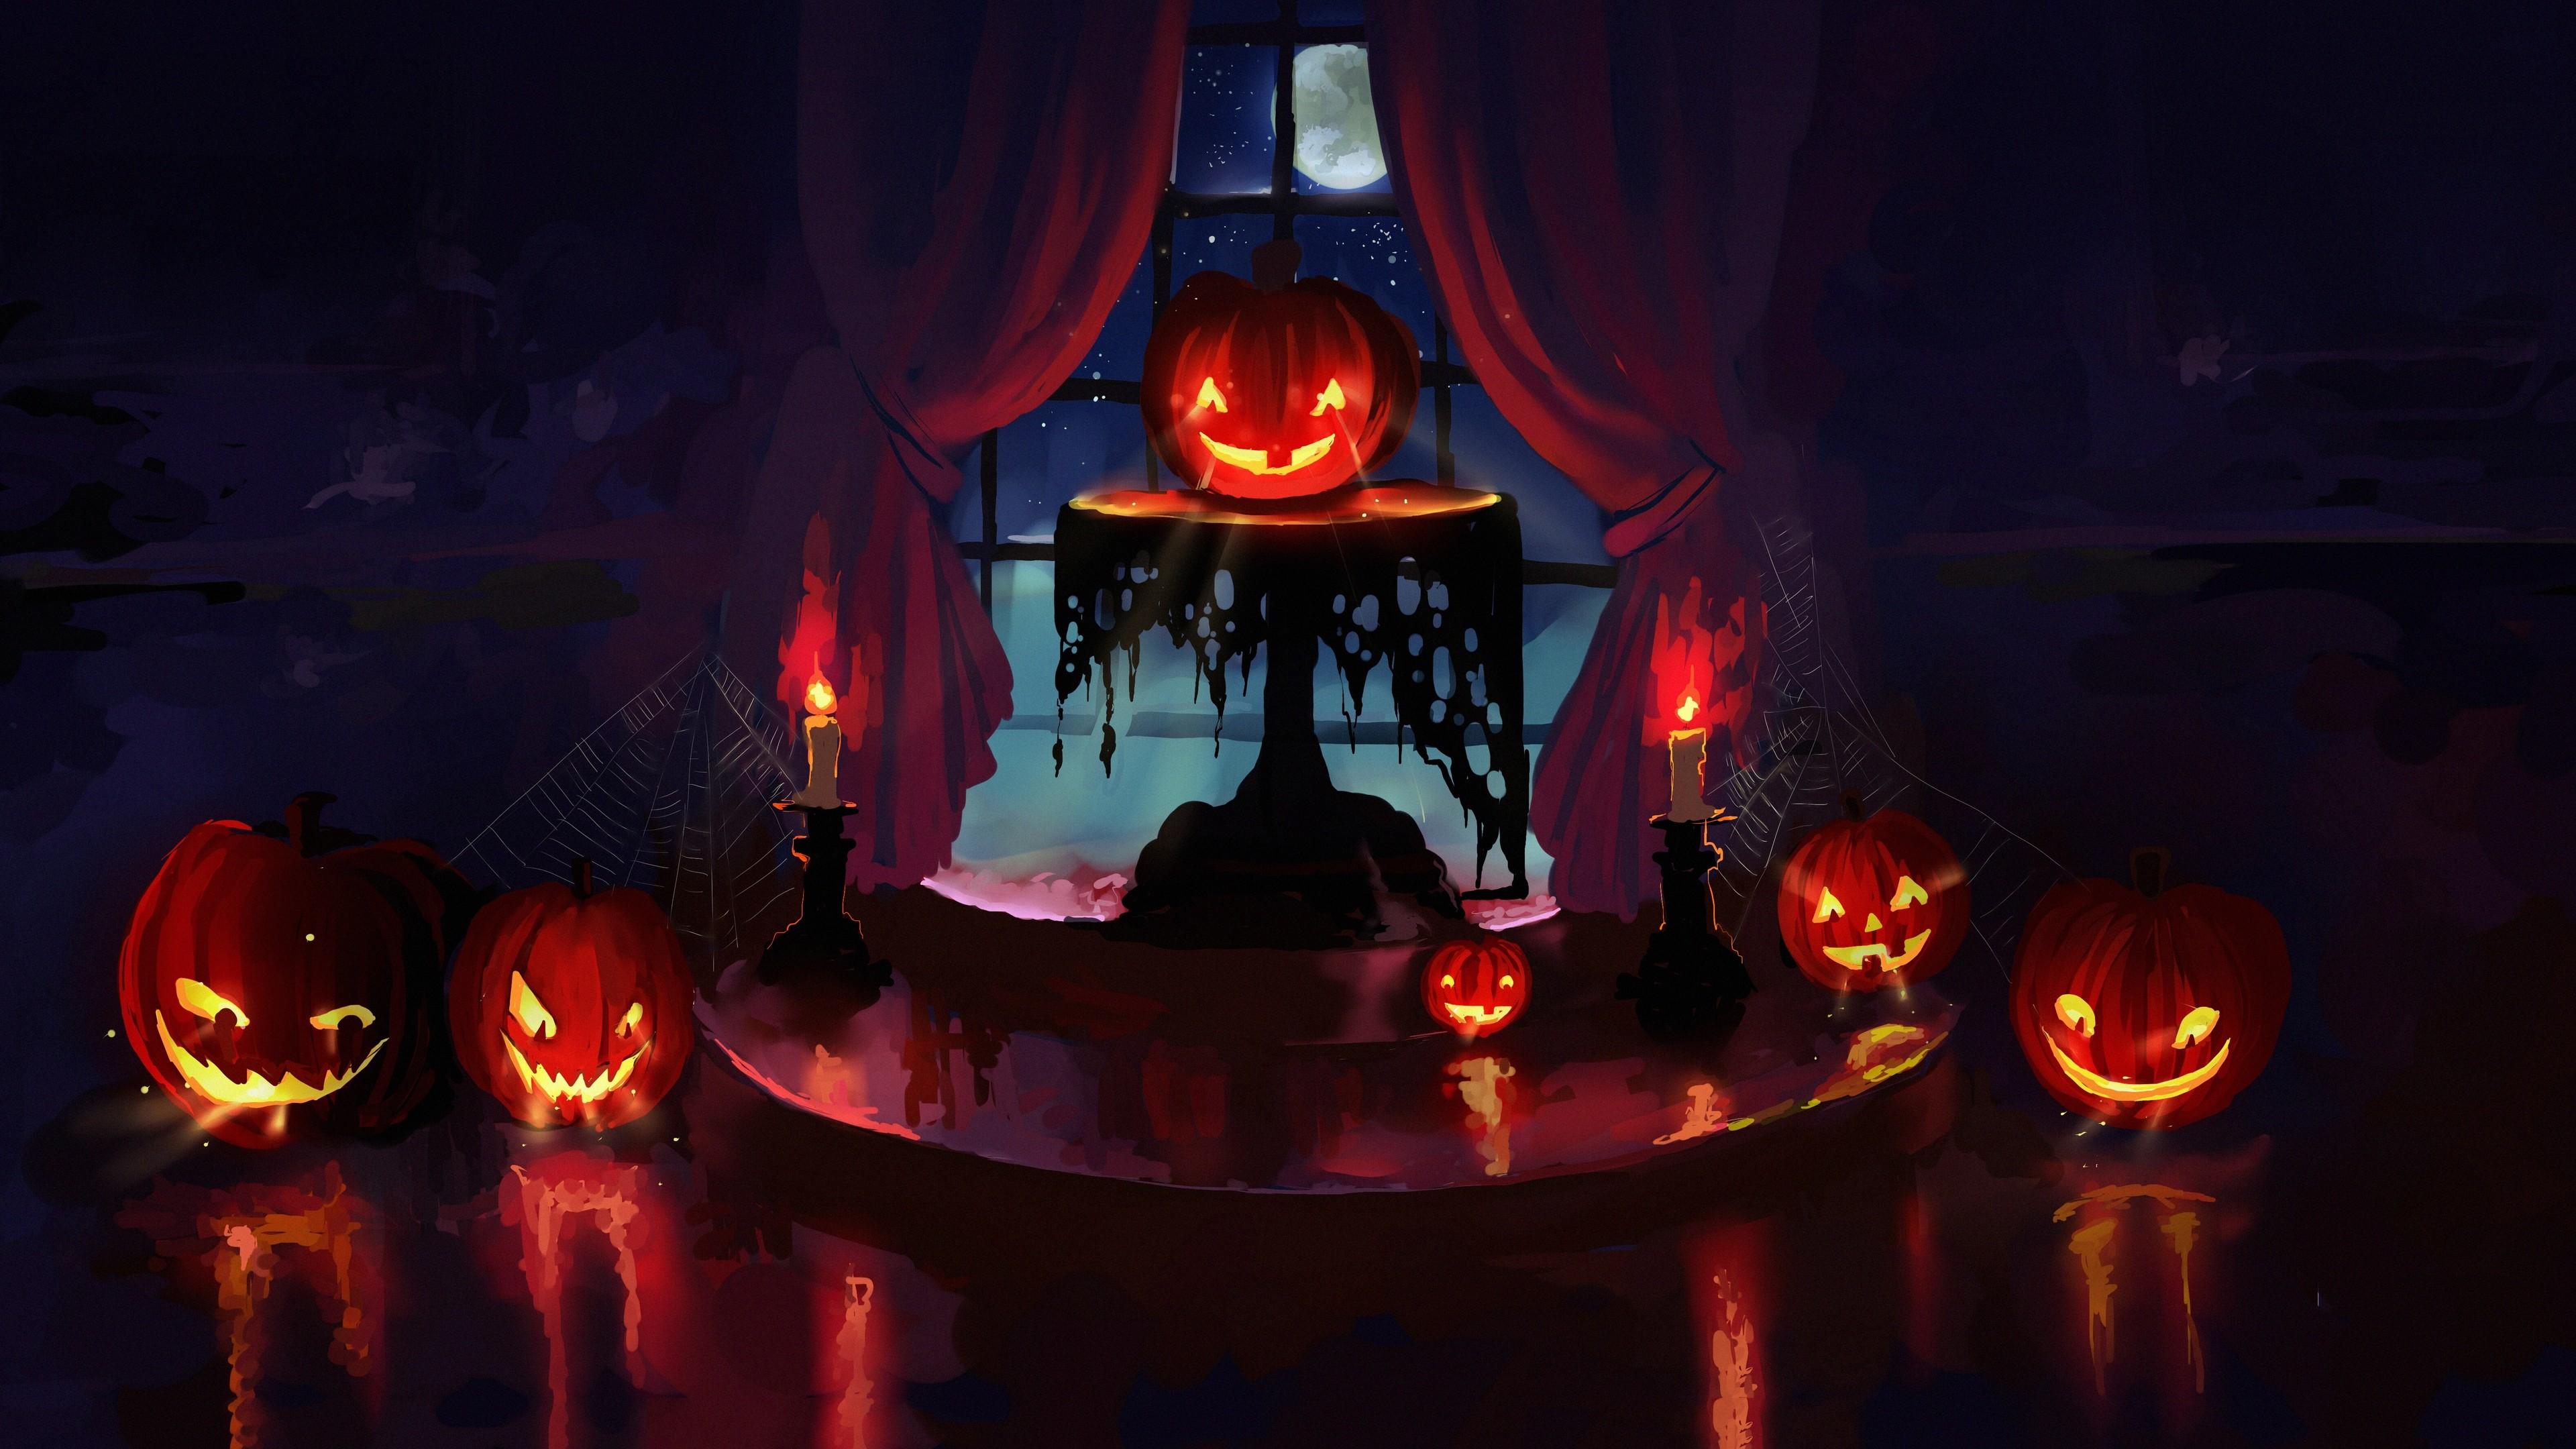 Halloween Jack-o'-lanterns wallpaper